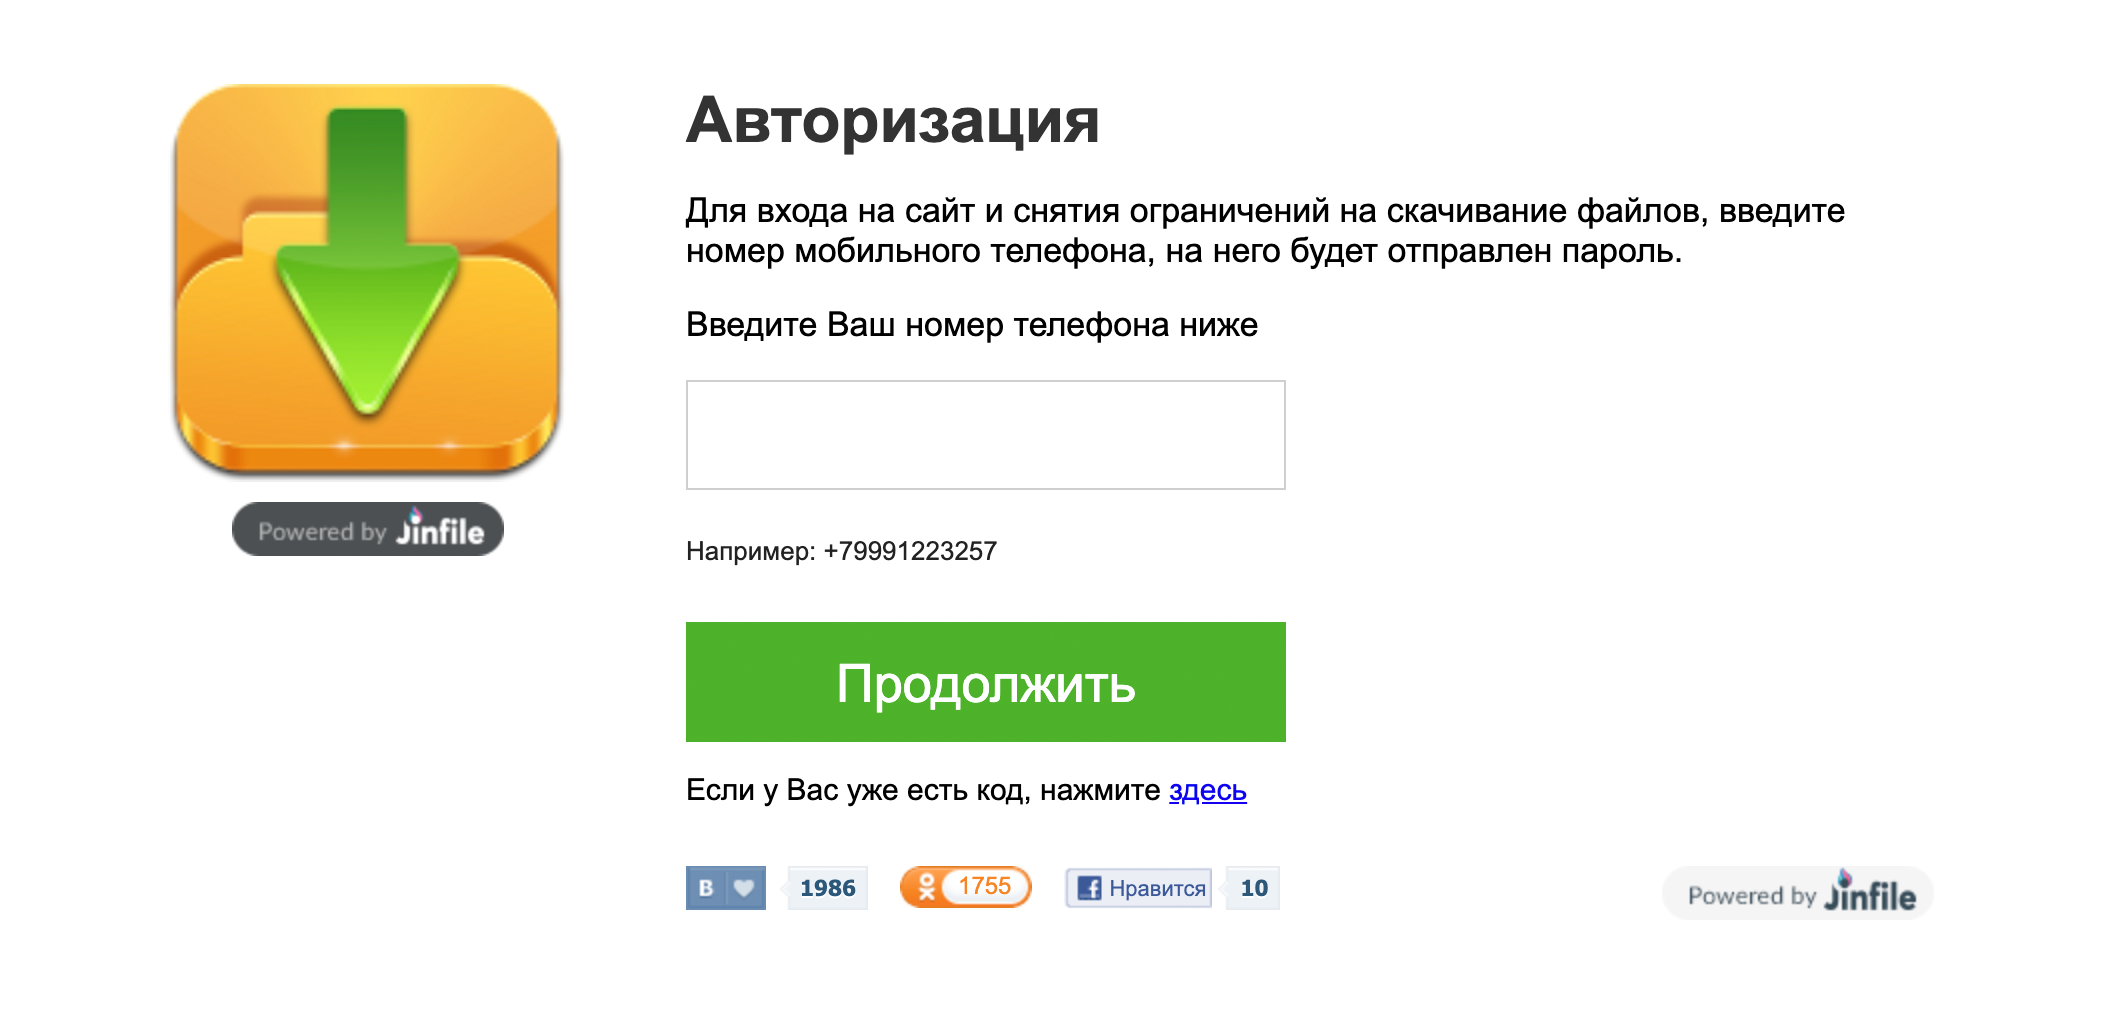 Если попробовать скачать этот файл, вас попросят ввести номер телефона. А в подвале будет написано, что услуга стоит 25 рублей